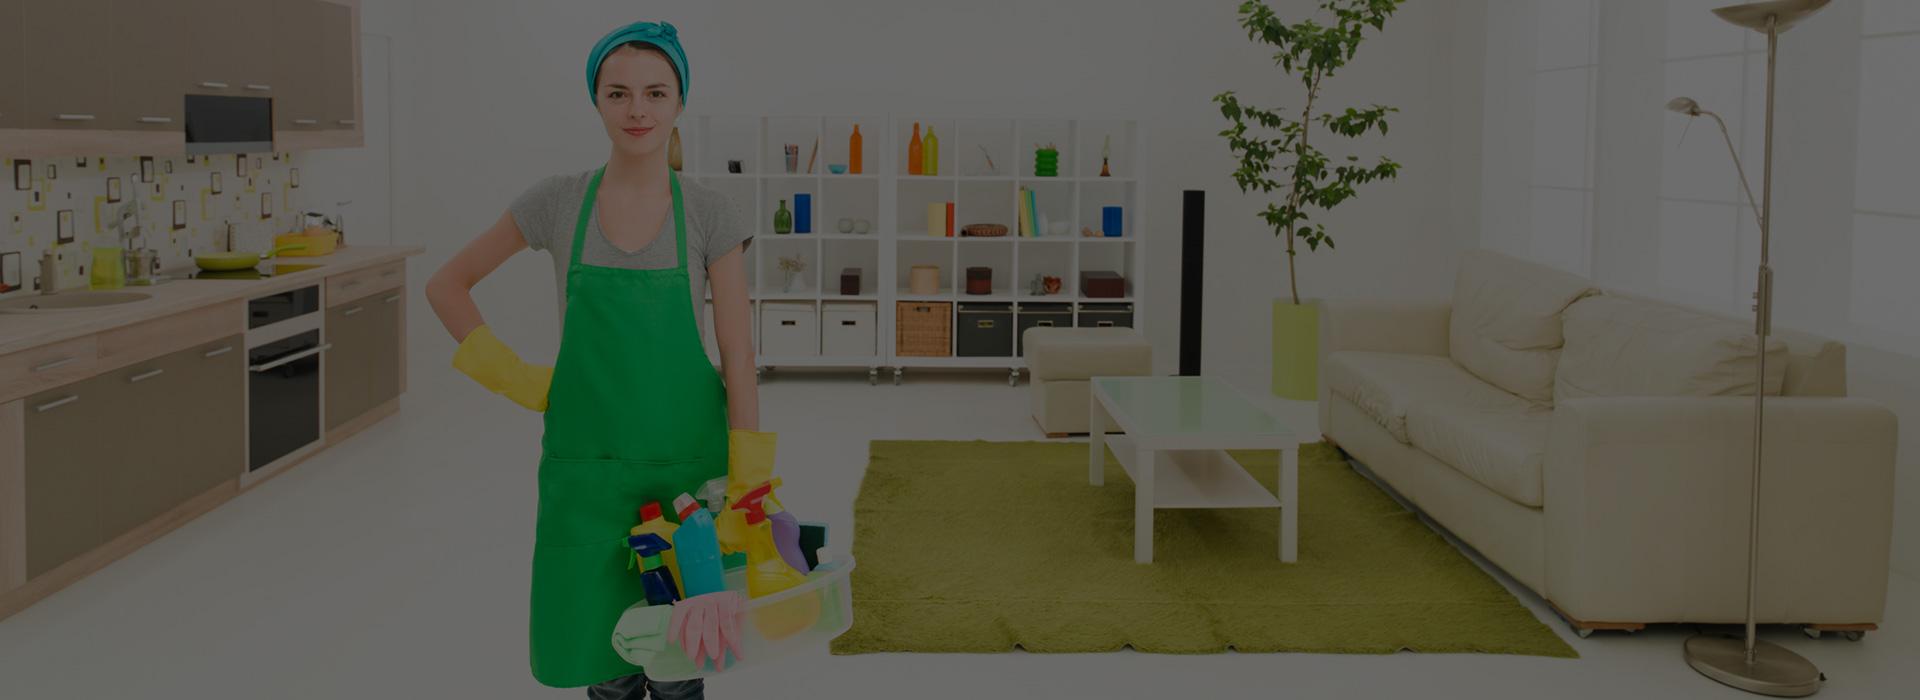 слайд-уборка-квартиры